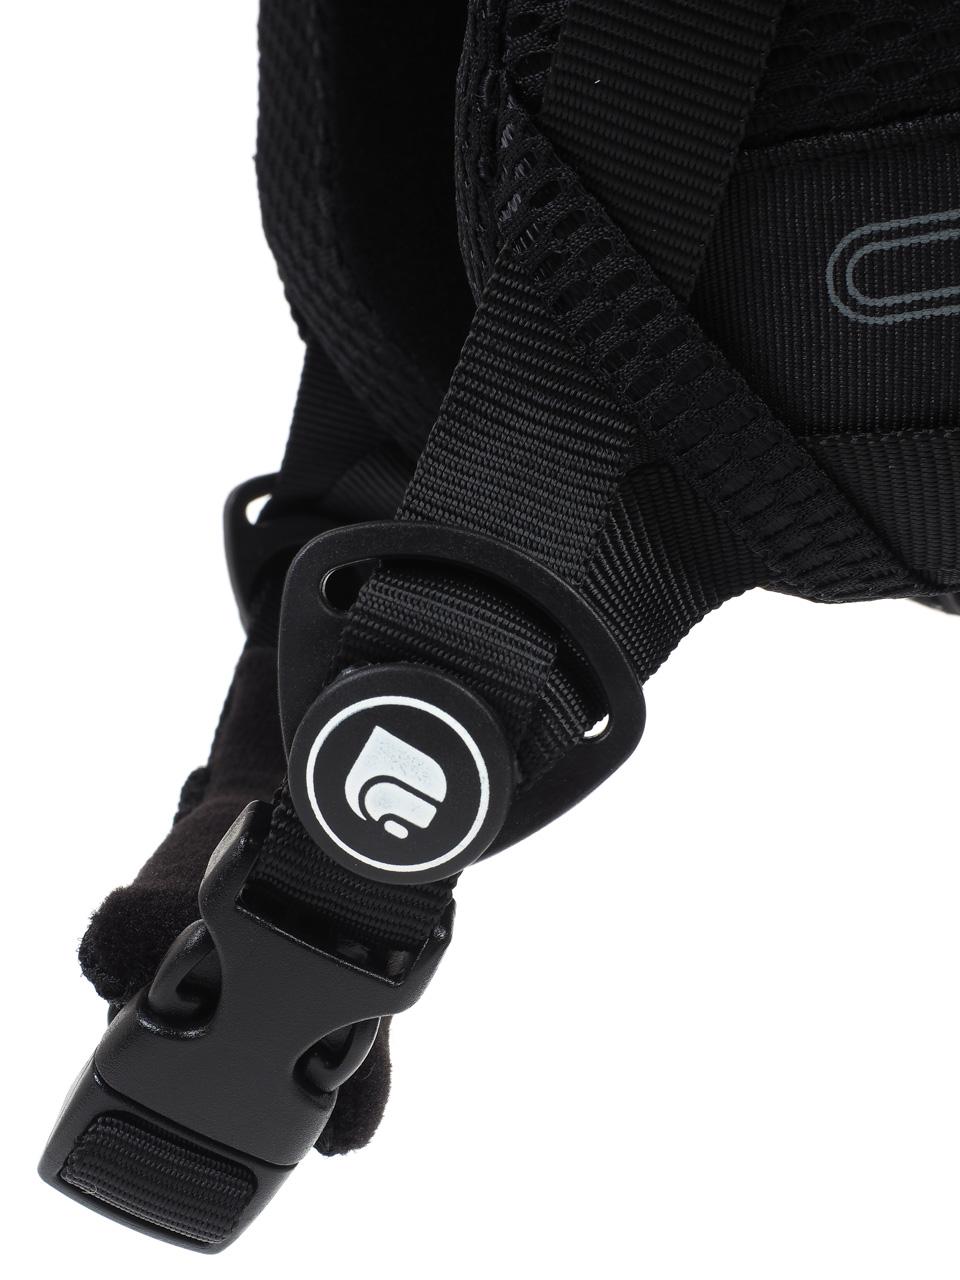 Casque de ski Cairn reglable Electron noir reglable Cairn Noir 22878 - Neuf 8e0d38